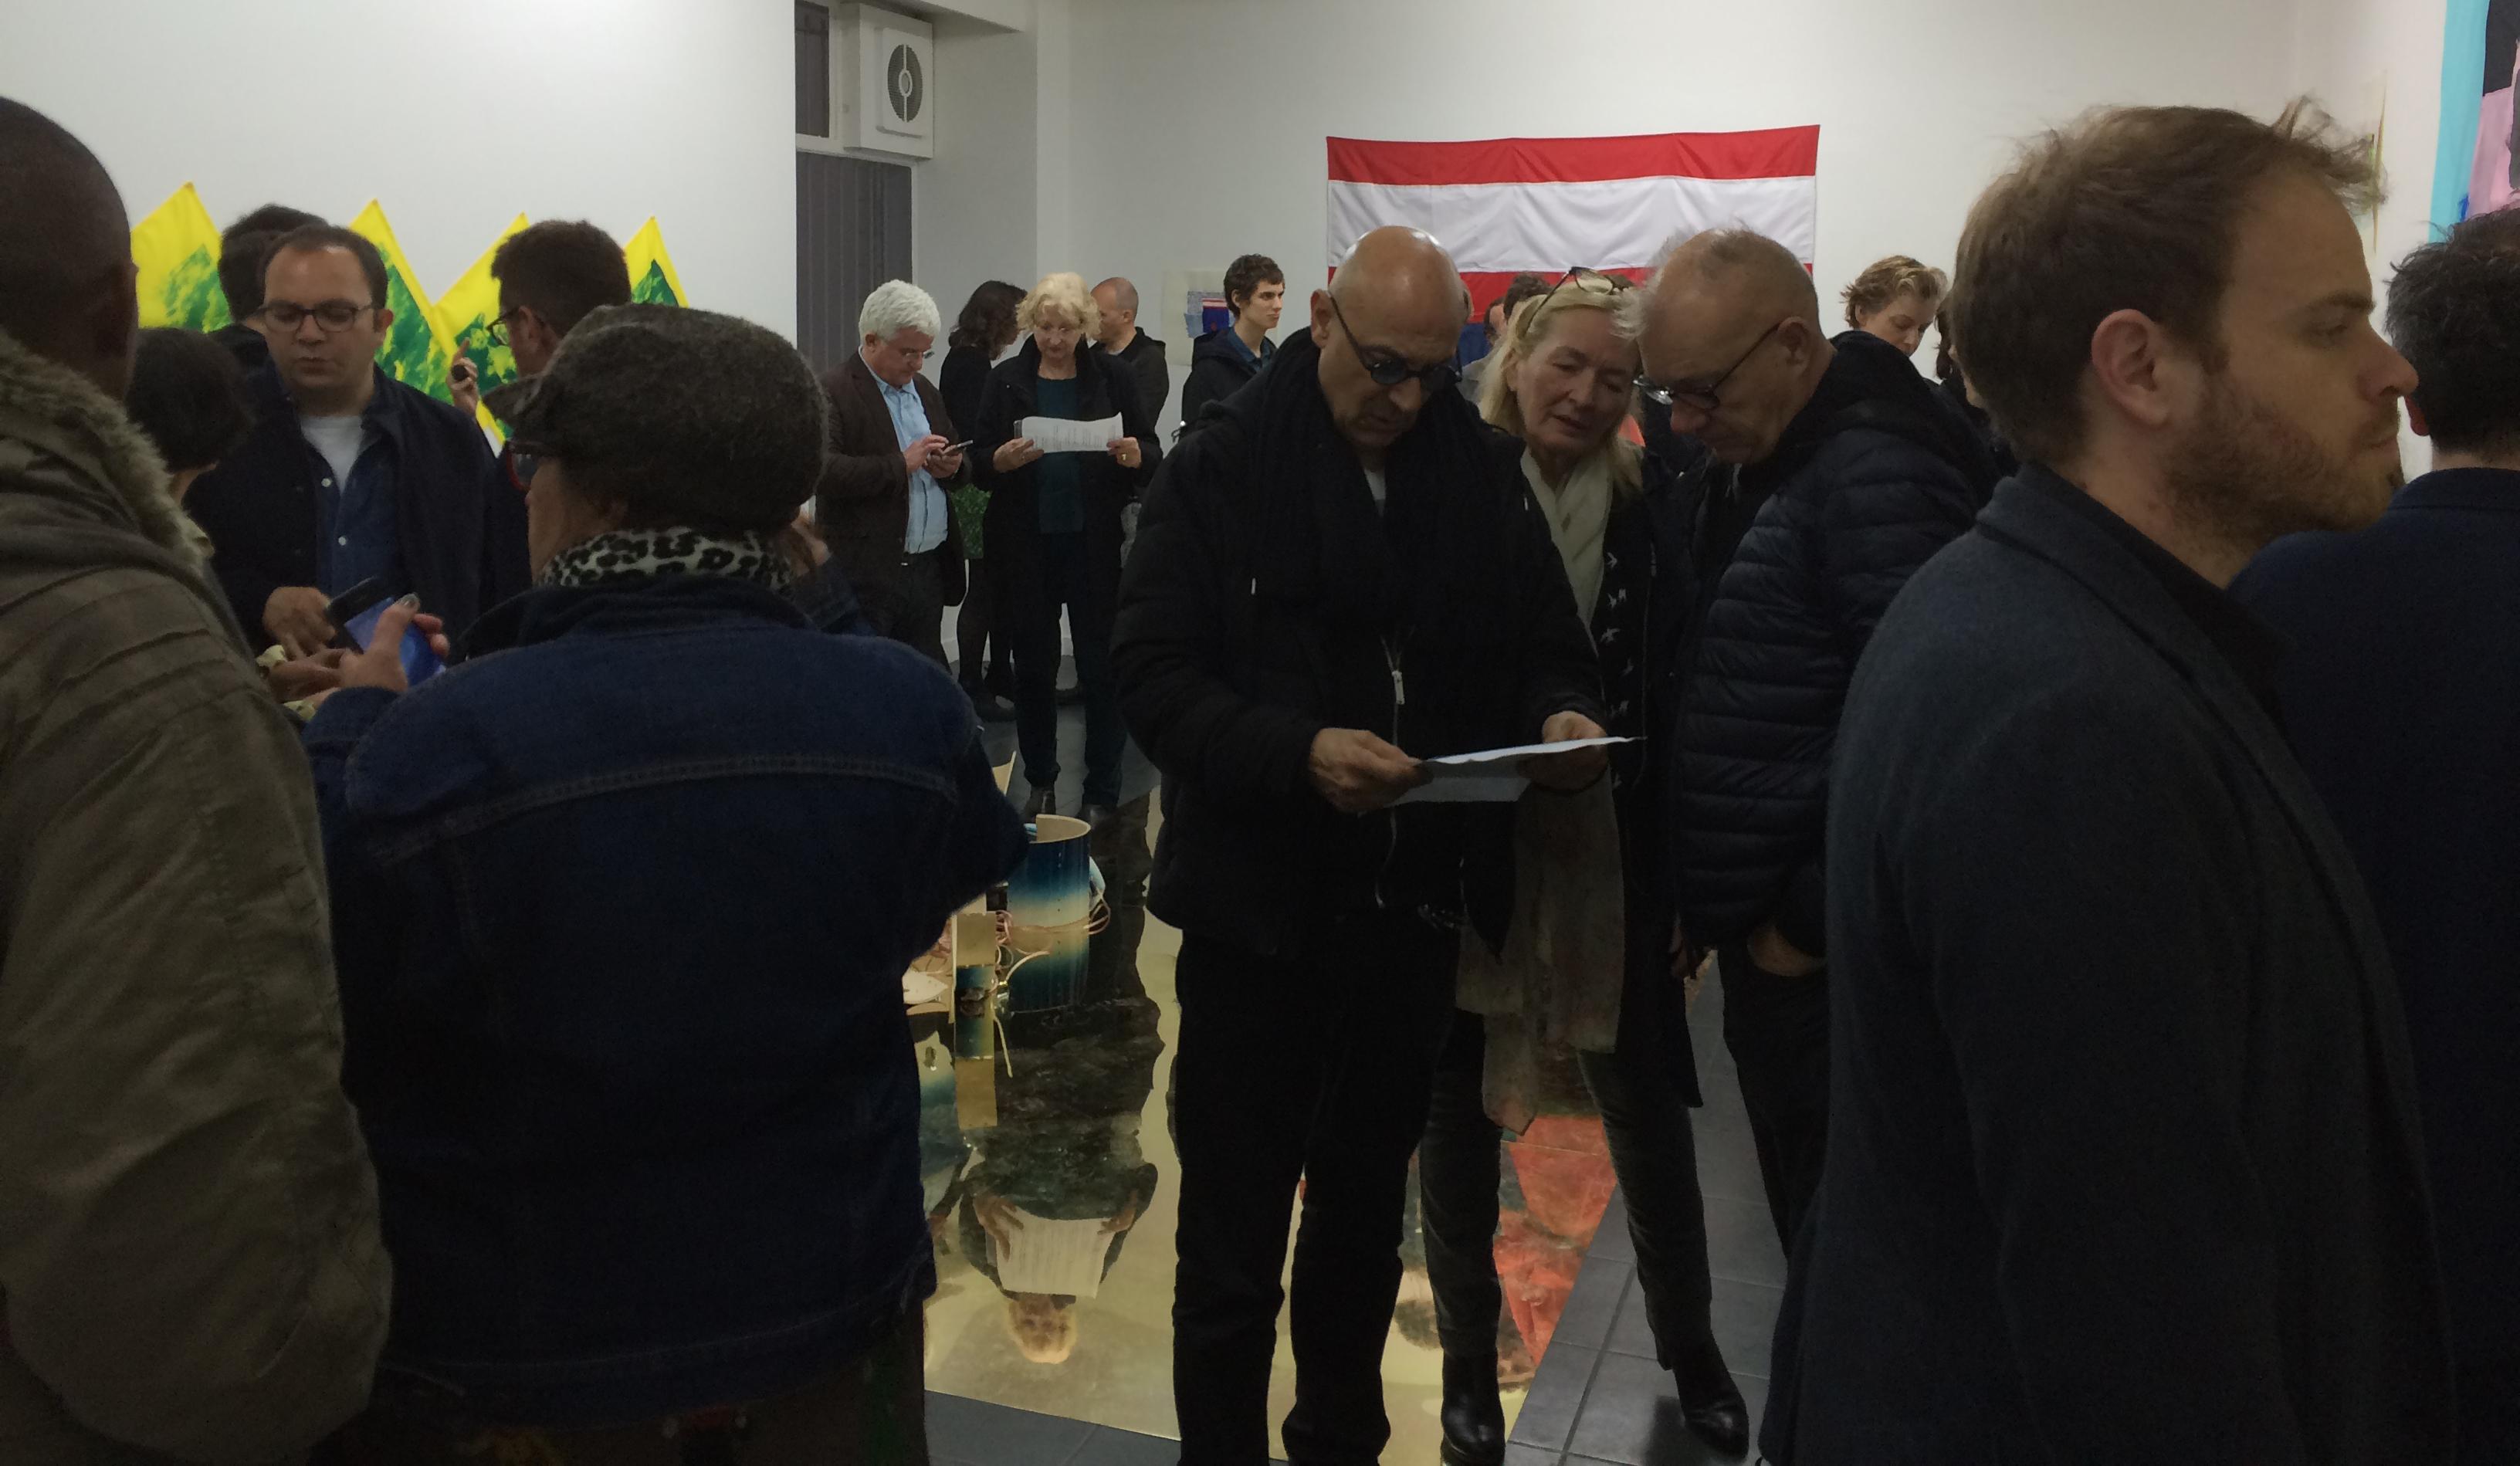 Galerie metropolis nicolas fenouillat 1 original